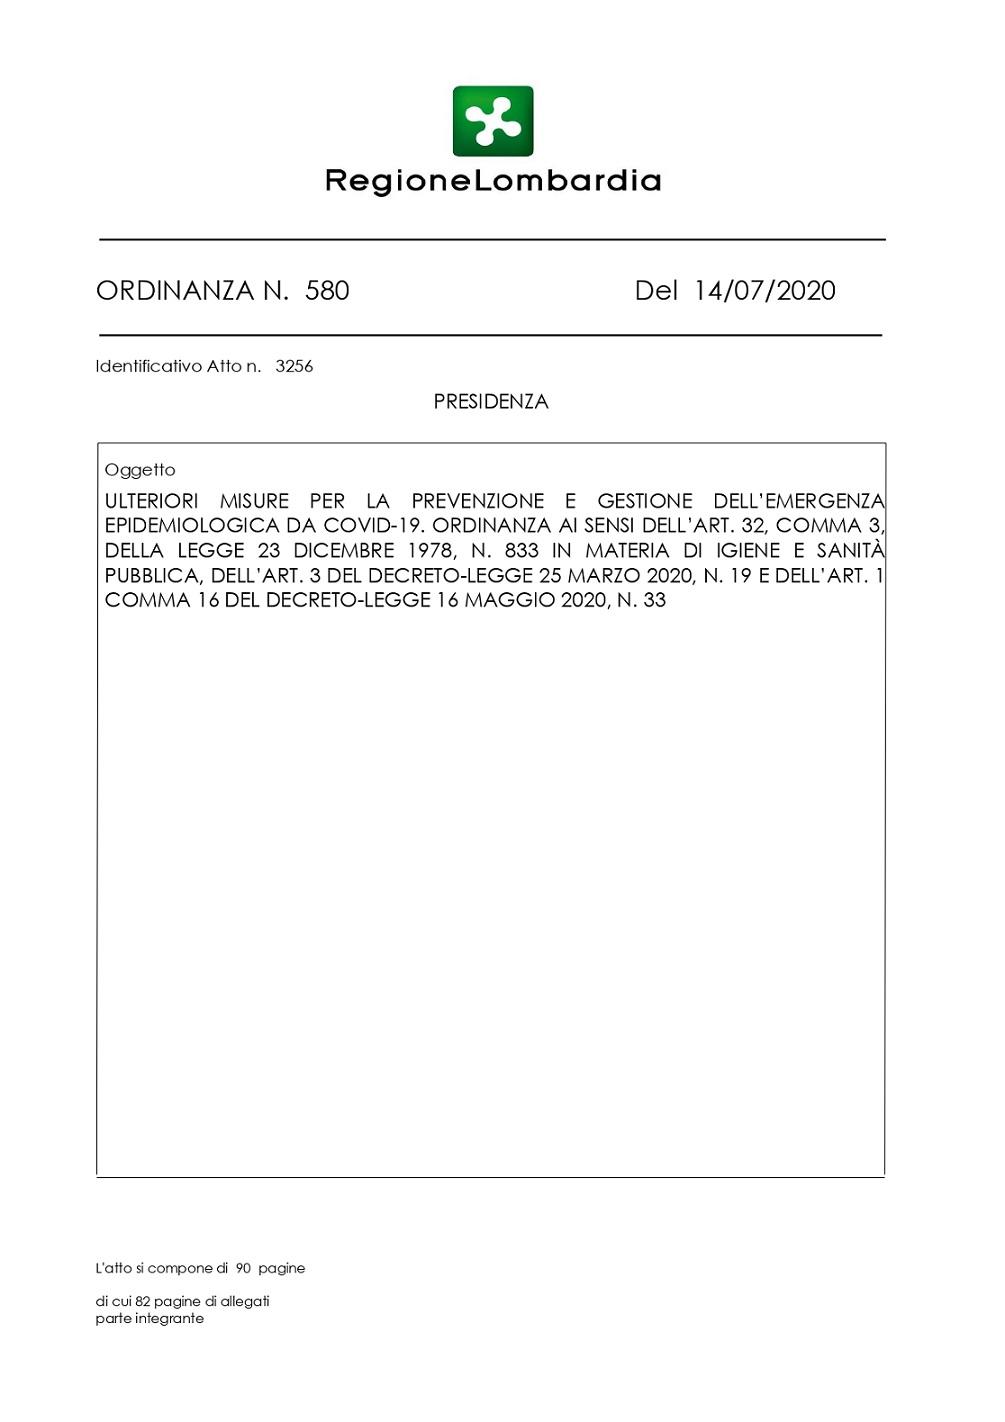 Ordinanza del Presidente della Lombardia del 14 Luglio 2020